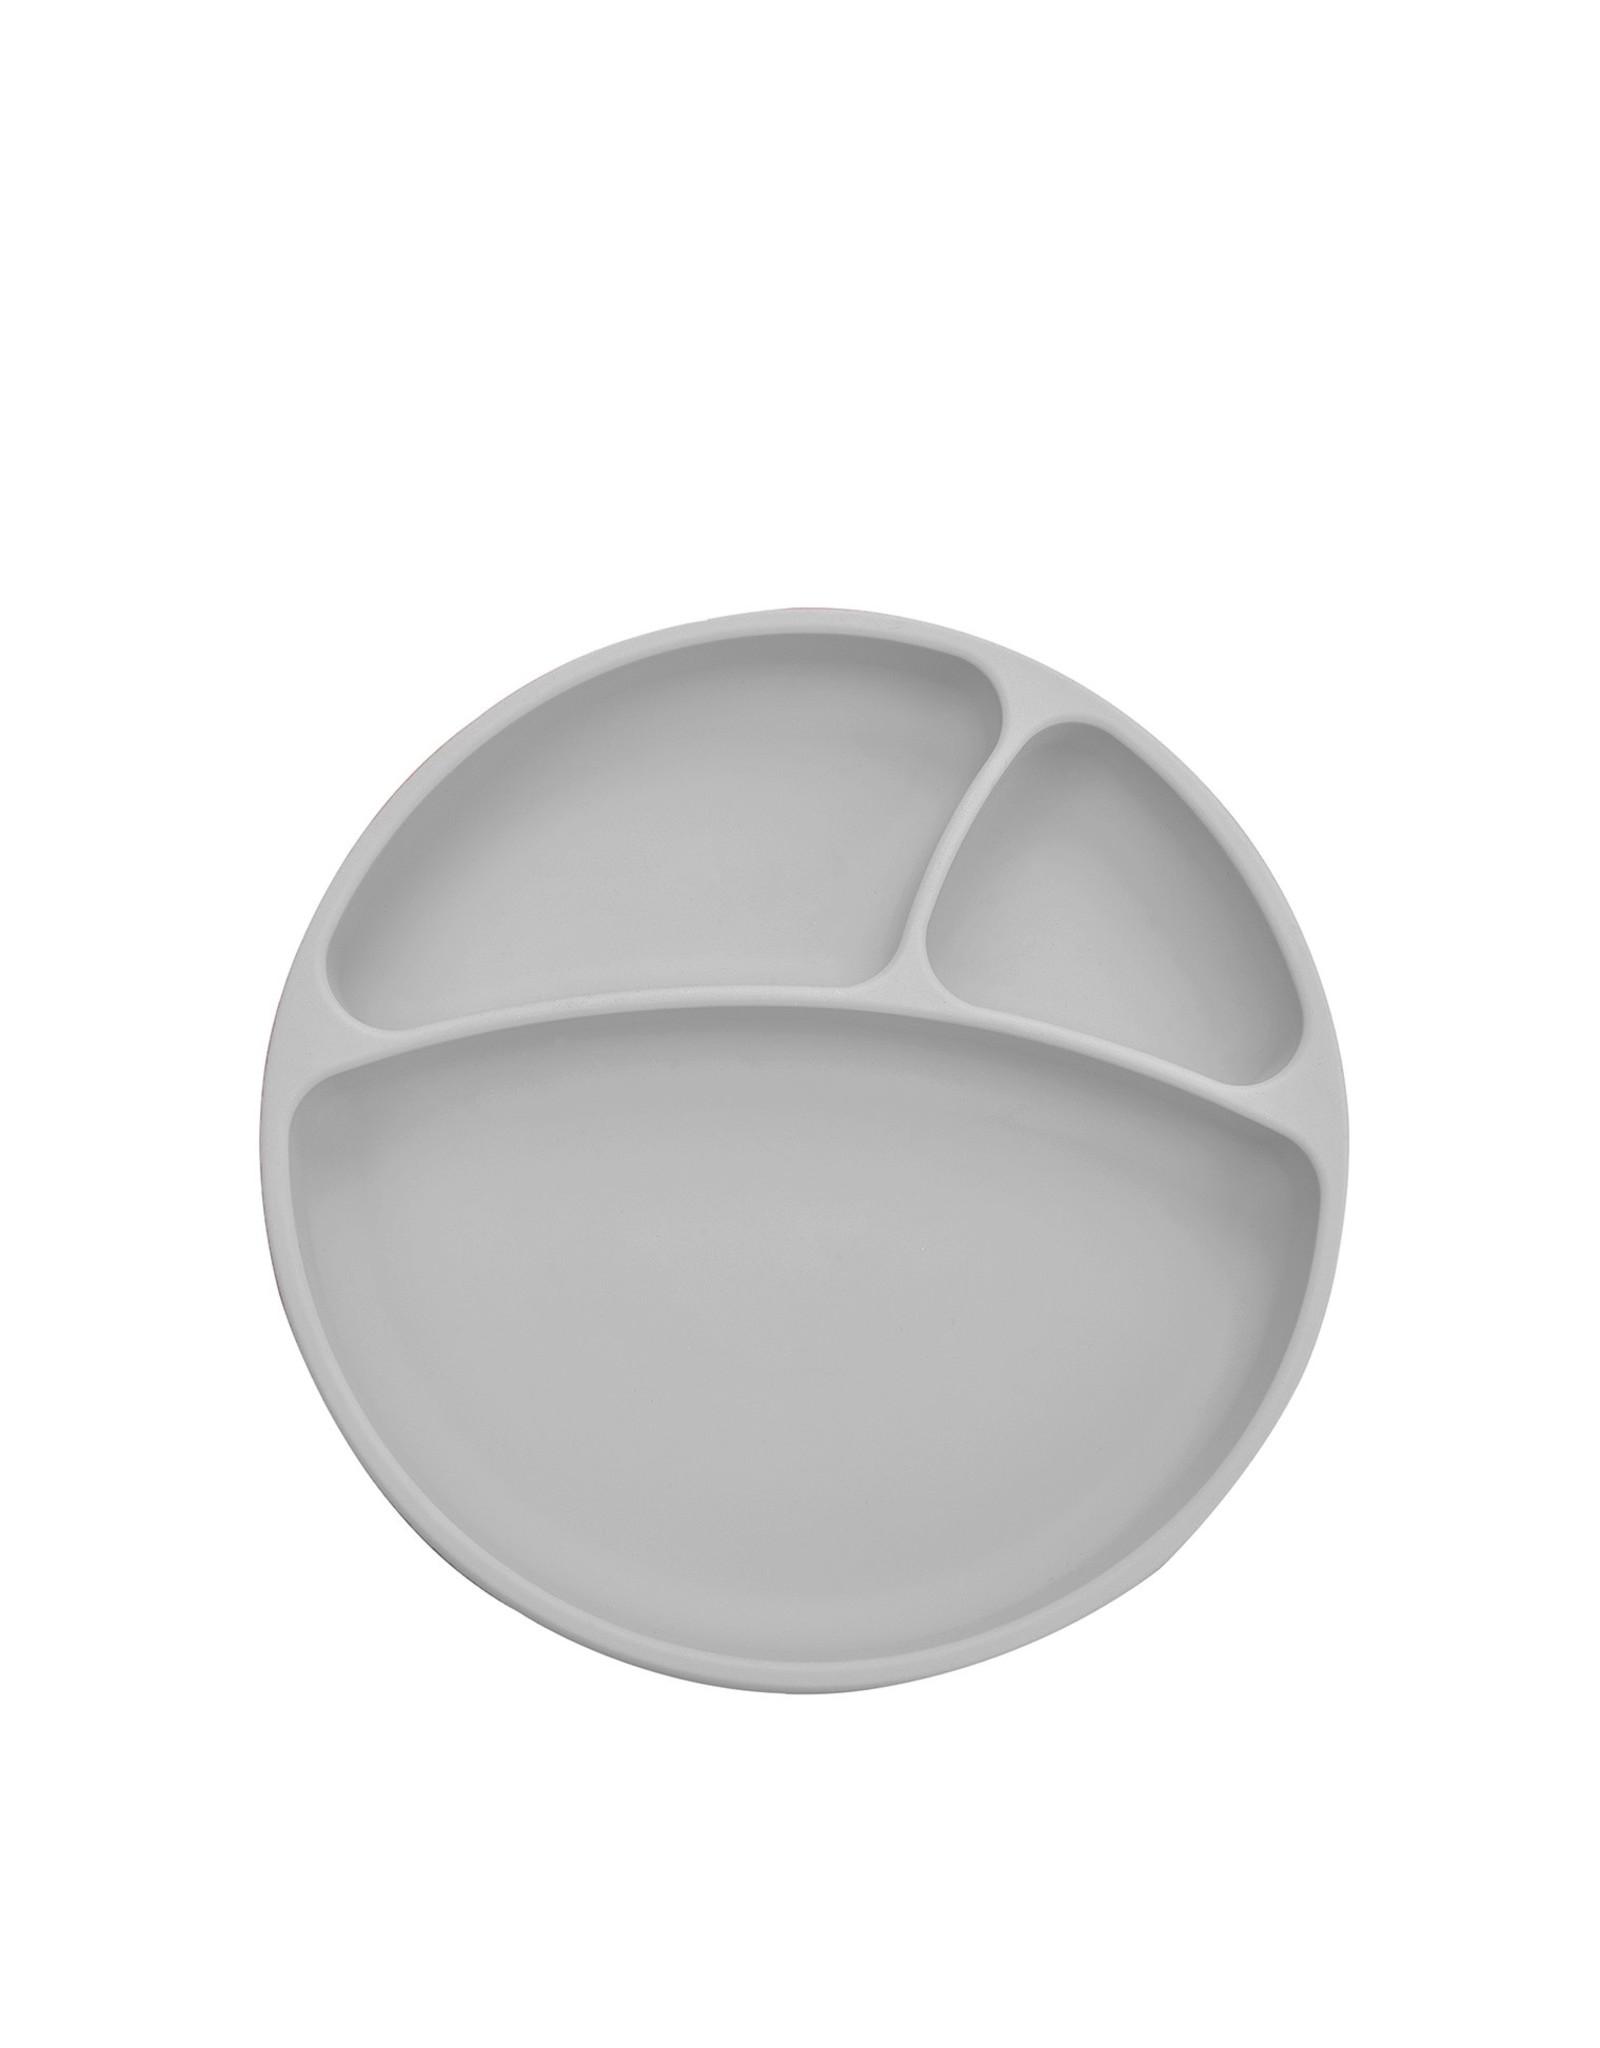 MiniKOiOi Minikoioi Portions Grey